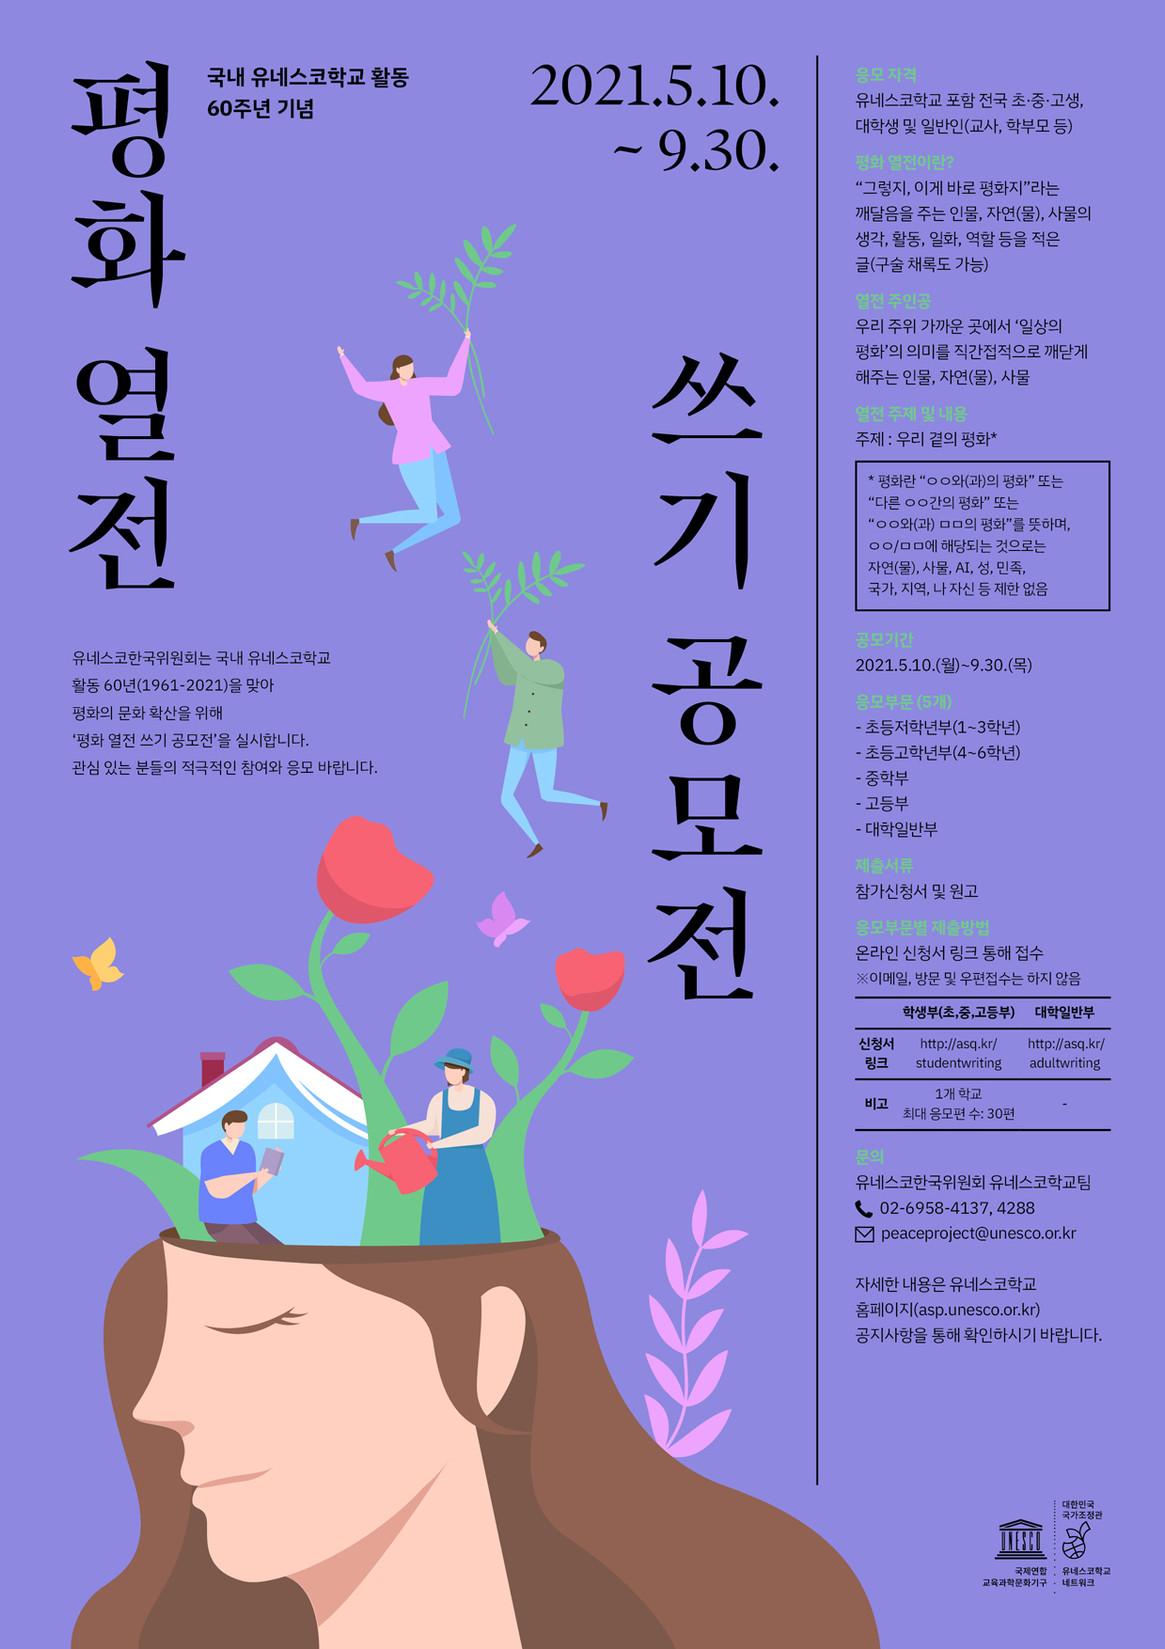 [유네스코한국위원회]평화열전 포스터_최종2.jpg